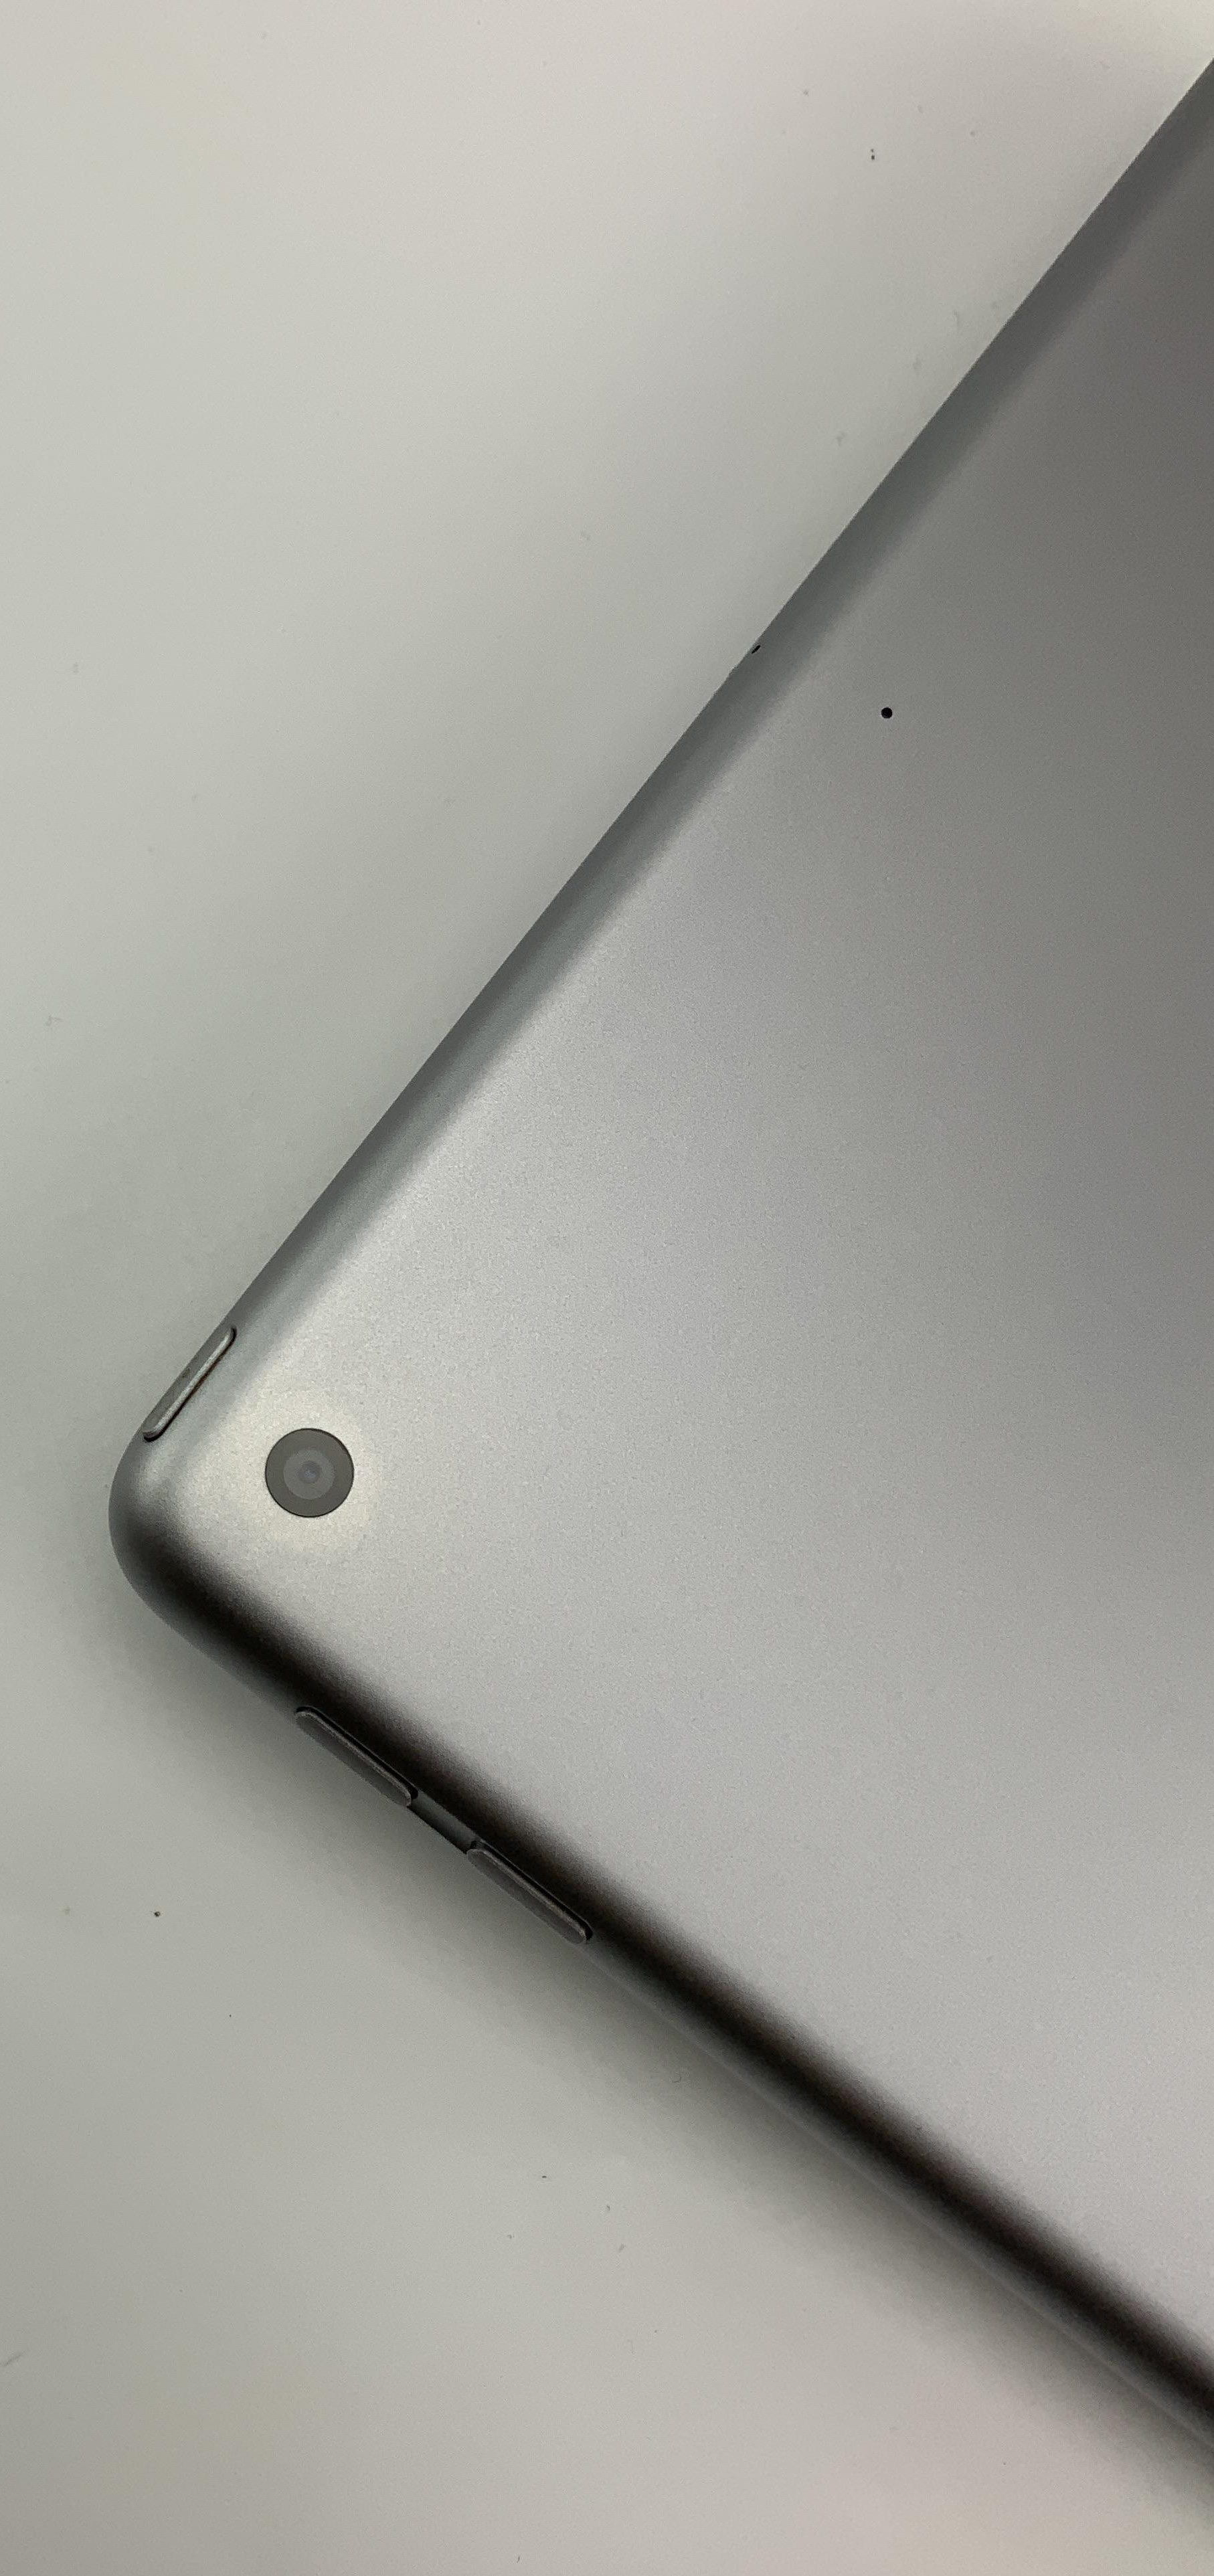 iPad 6 Wi-Fi 128GB, 128GB, Space Gray, immagine 3